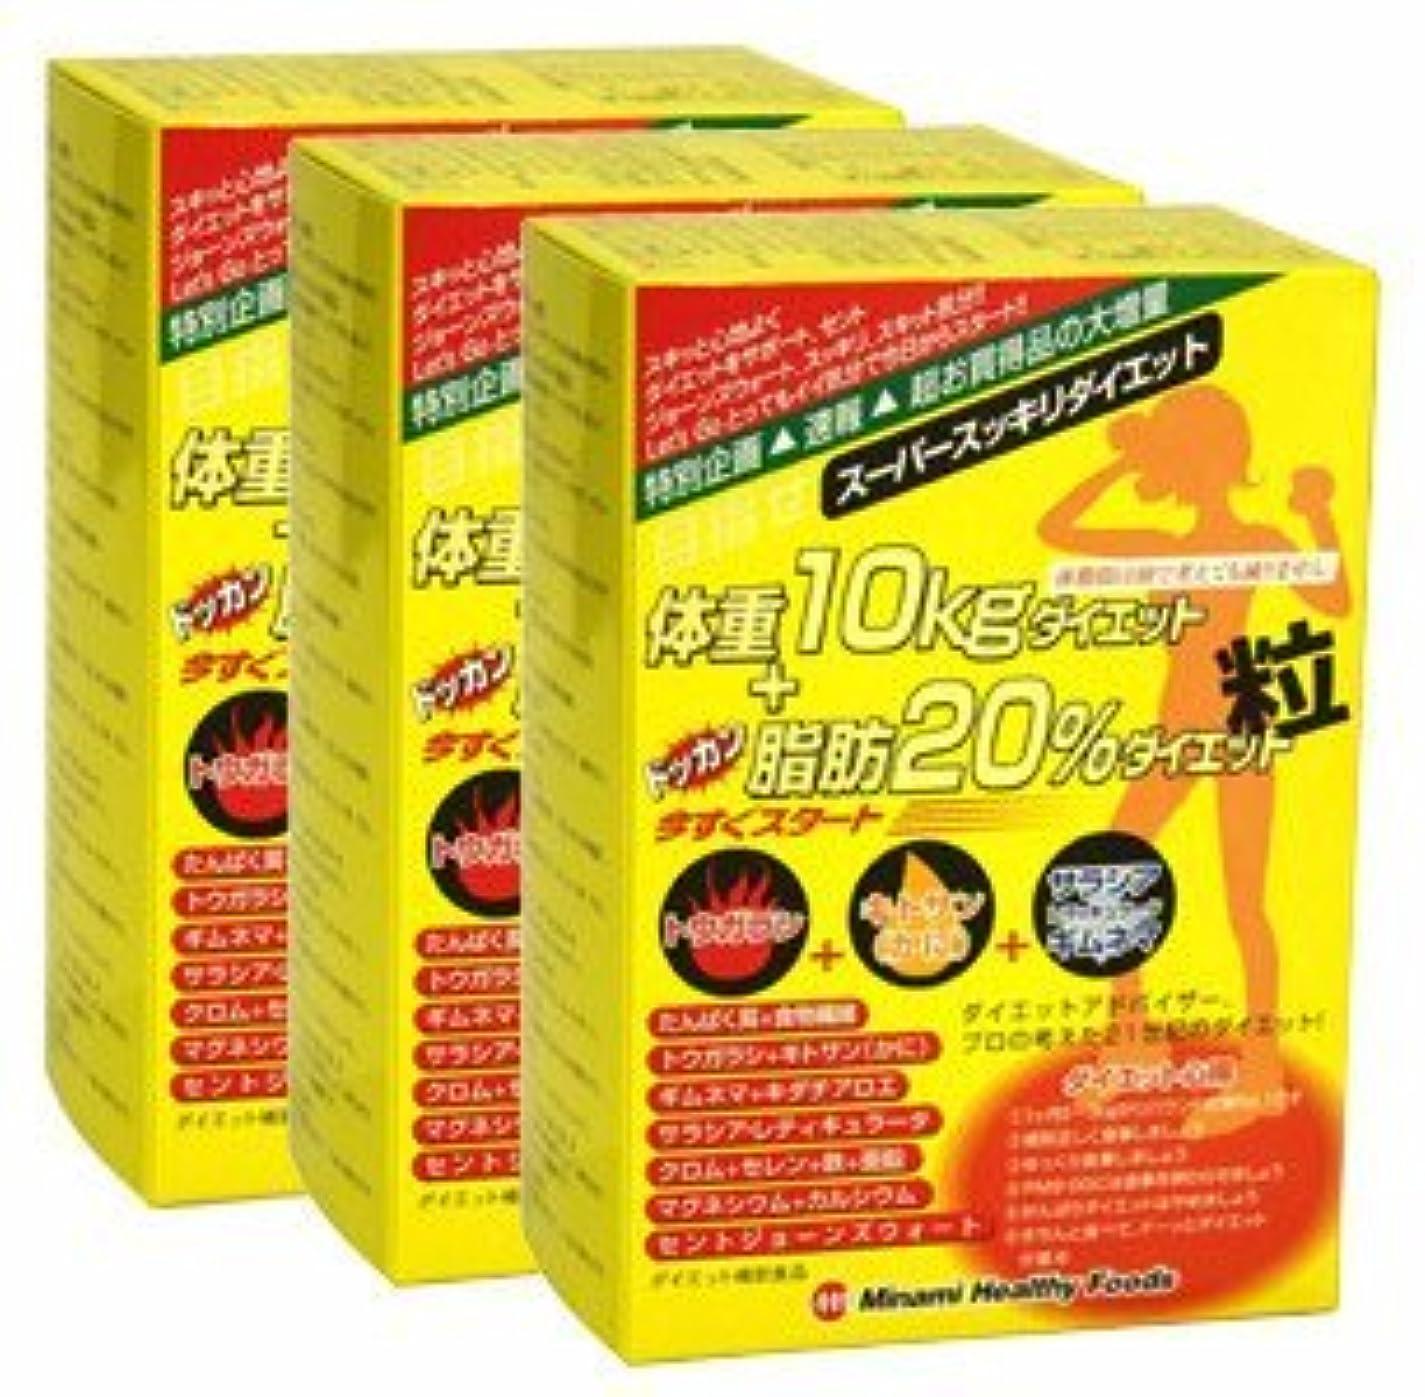 趣味公然と前進目指せ体重10kg+ドッカン脂肪20%ダイエット粒【3箱セット】ミナミヘルシーフーズ